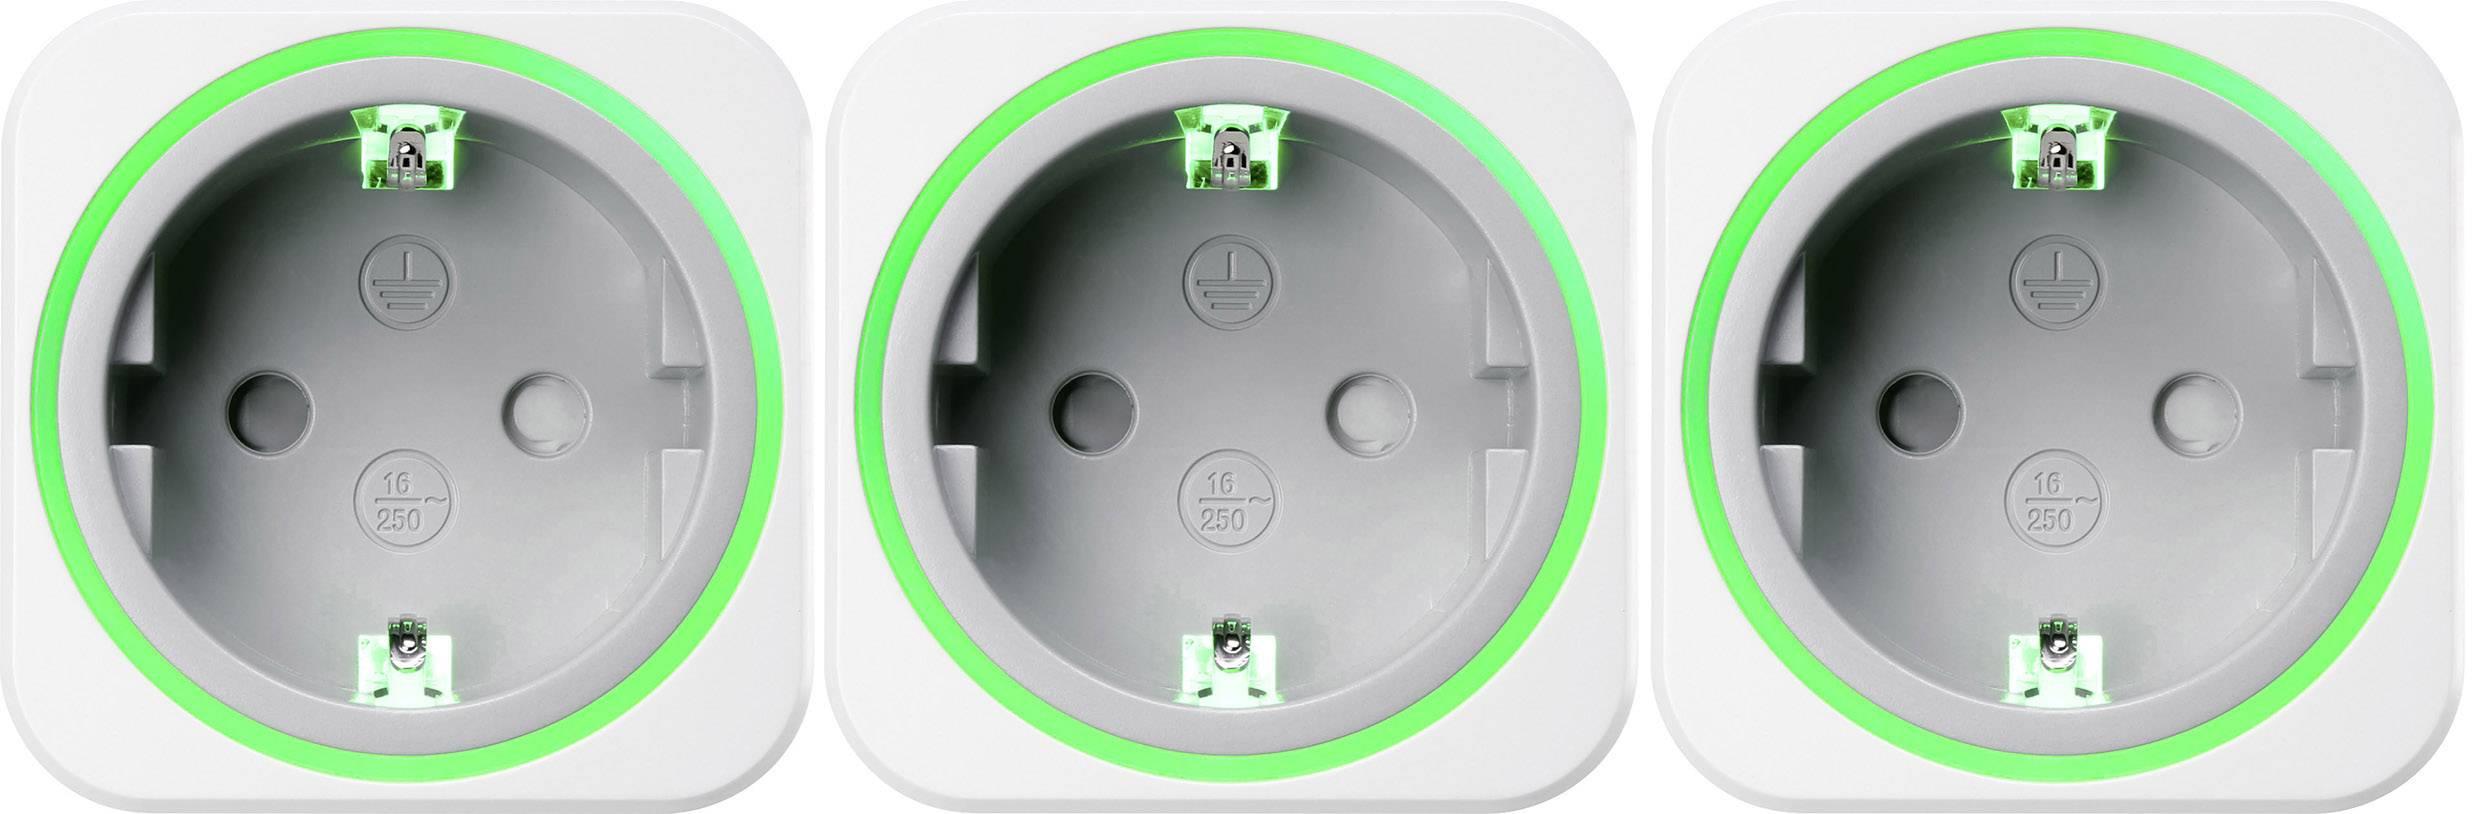 Měřič spotřeby el. energie VOLTCRAFT SEM6000, SEM6000